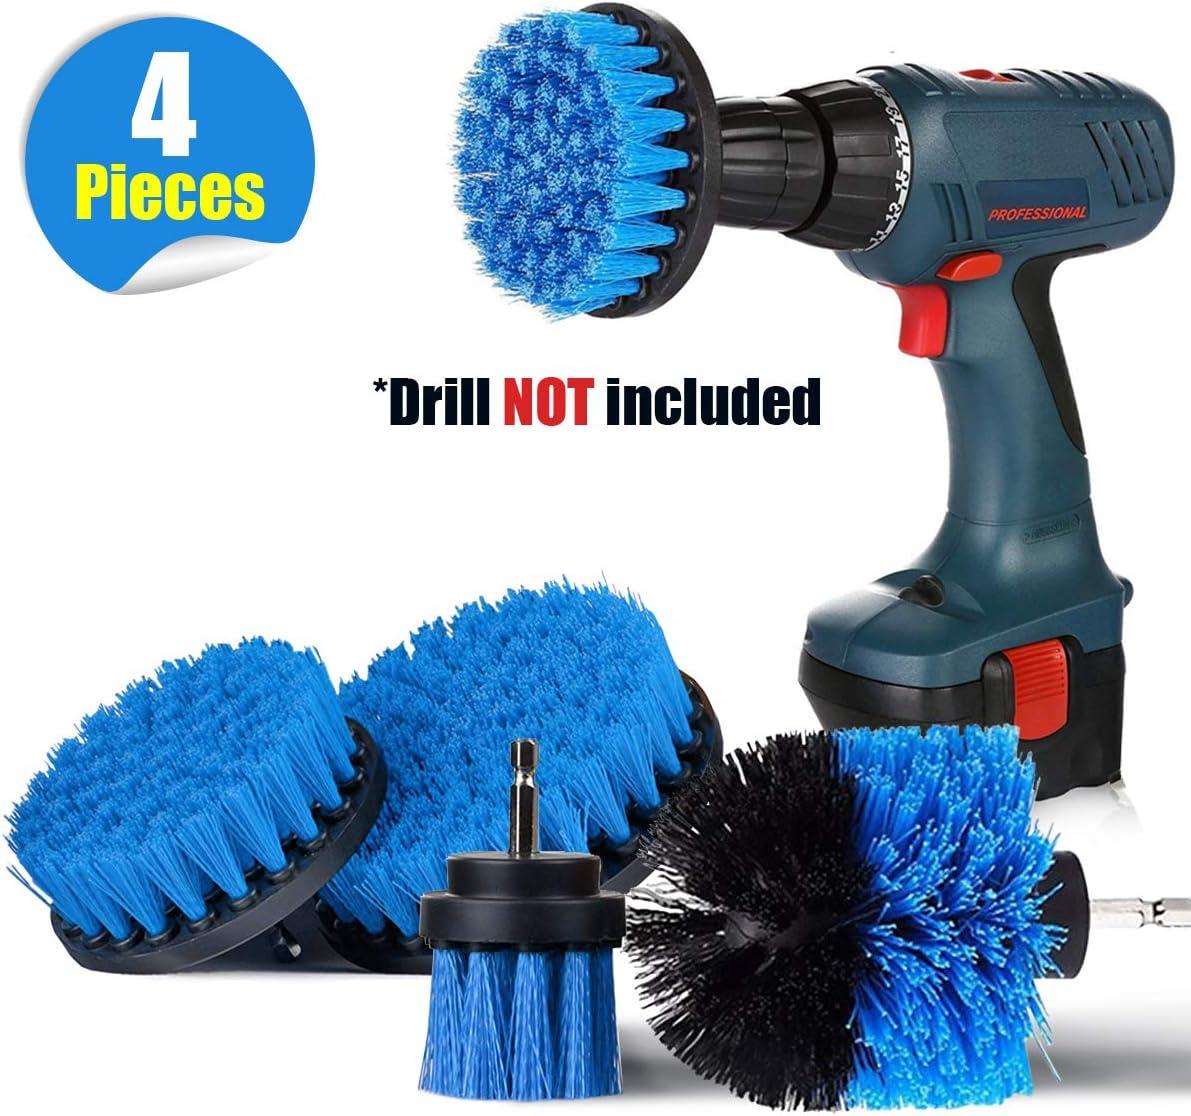 SAFETYON Cepillo de Taladro Eléctrico 4 Pieces Multifuncional Brocha para Limpiar Baño, Piso, Azulejo, Esquinas, Cocina (Azul)